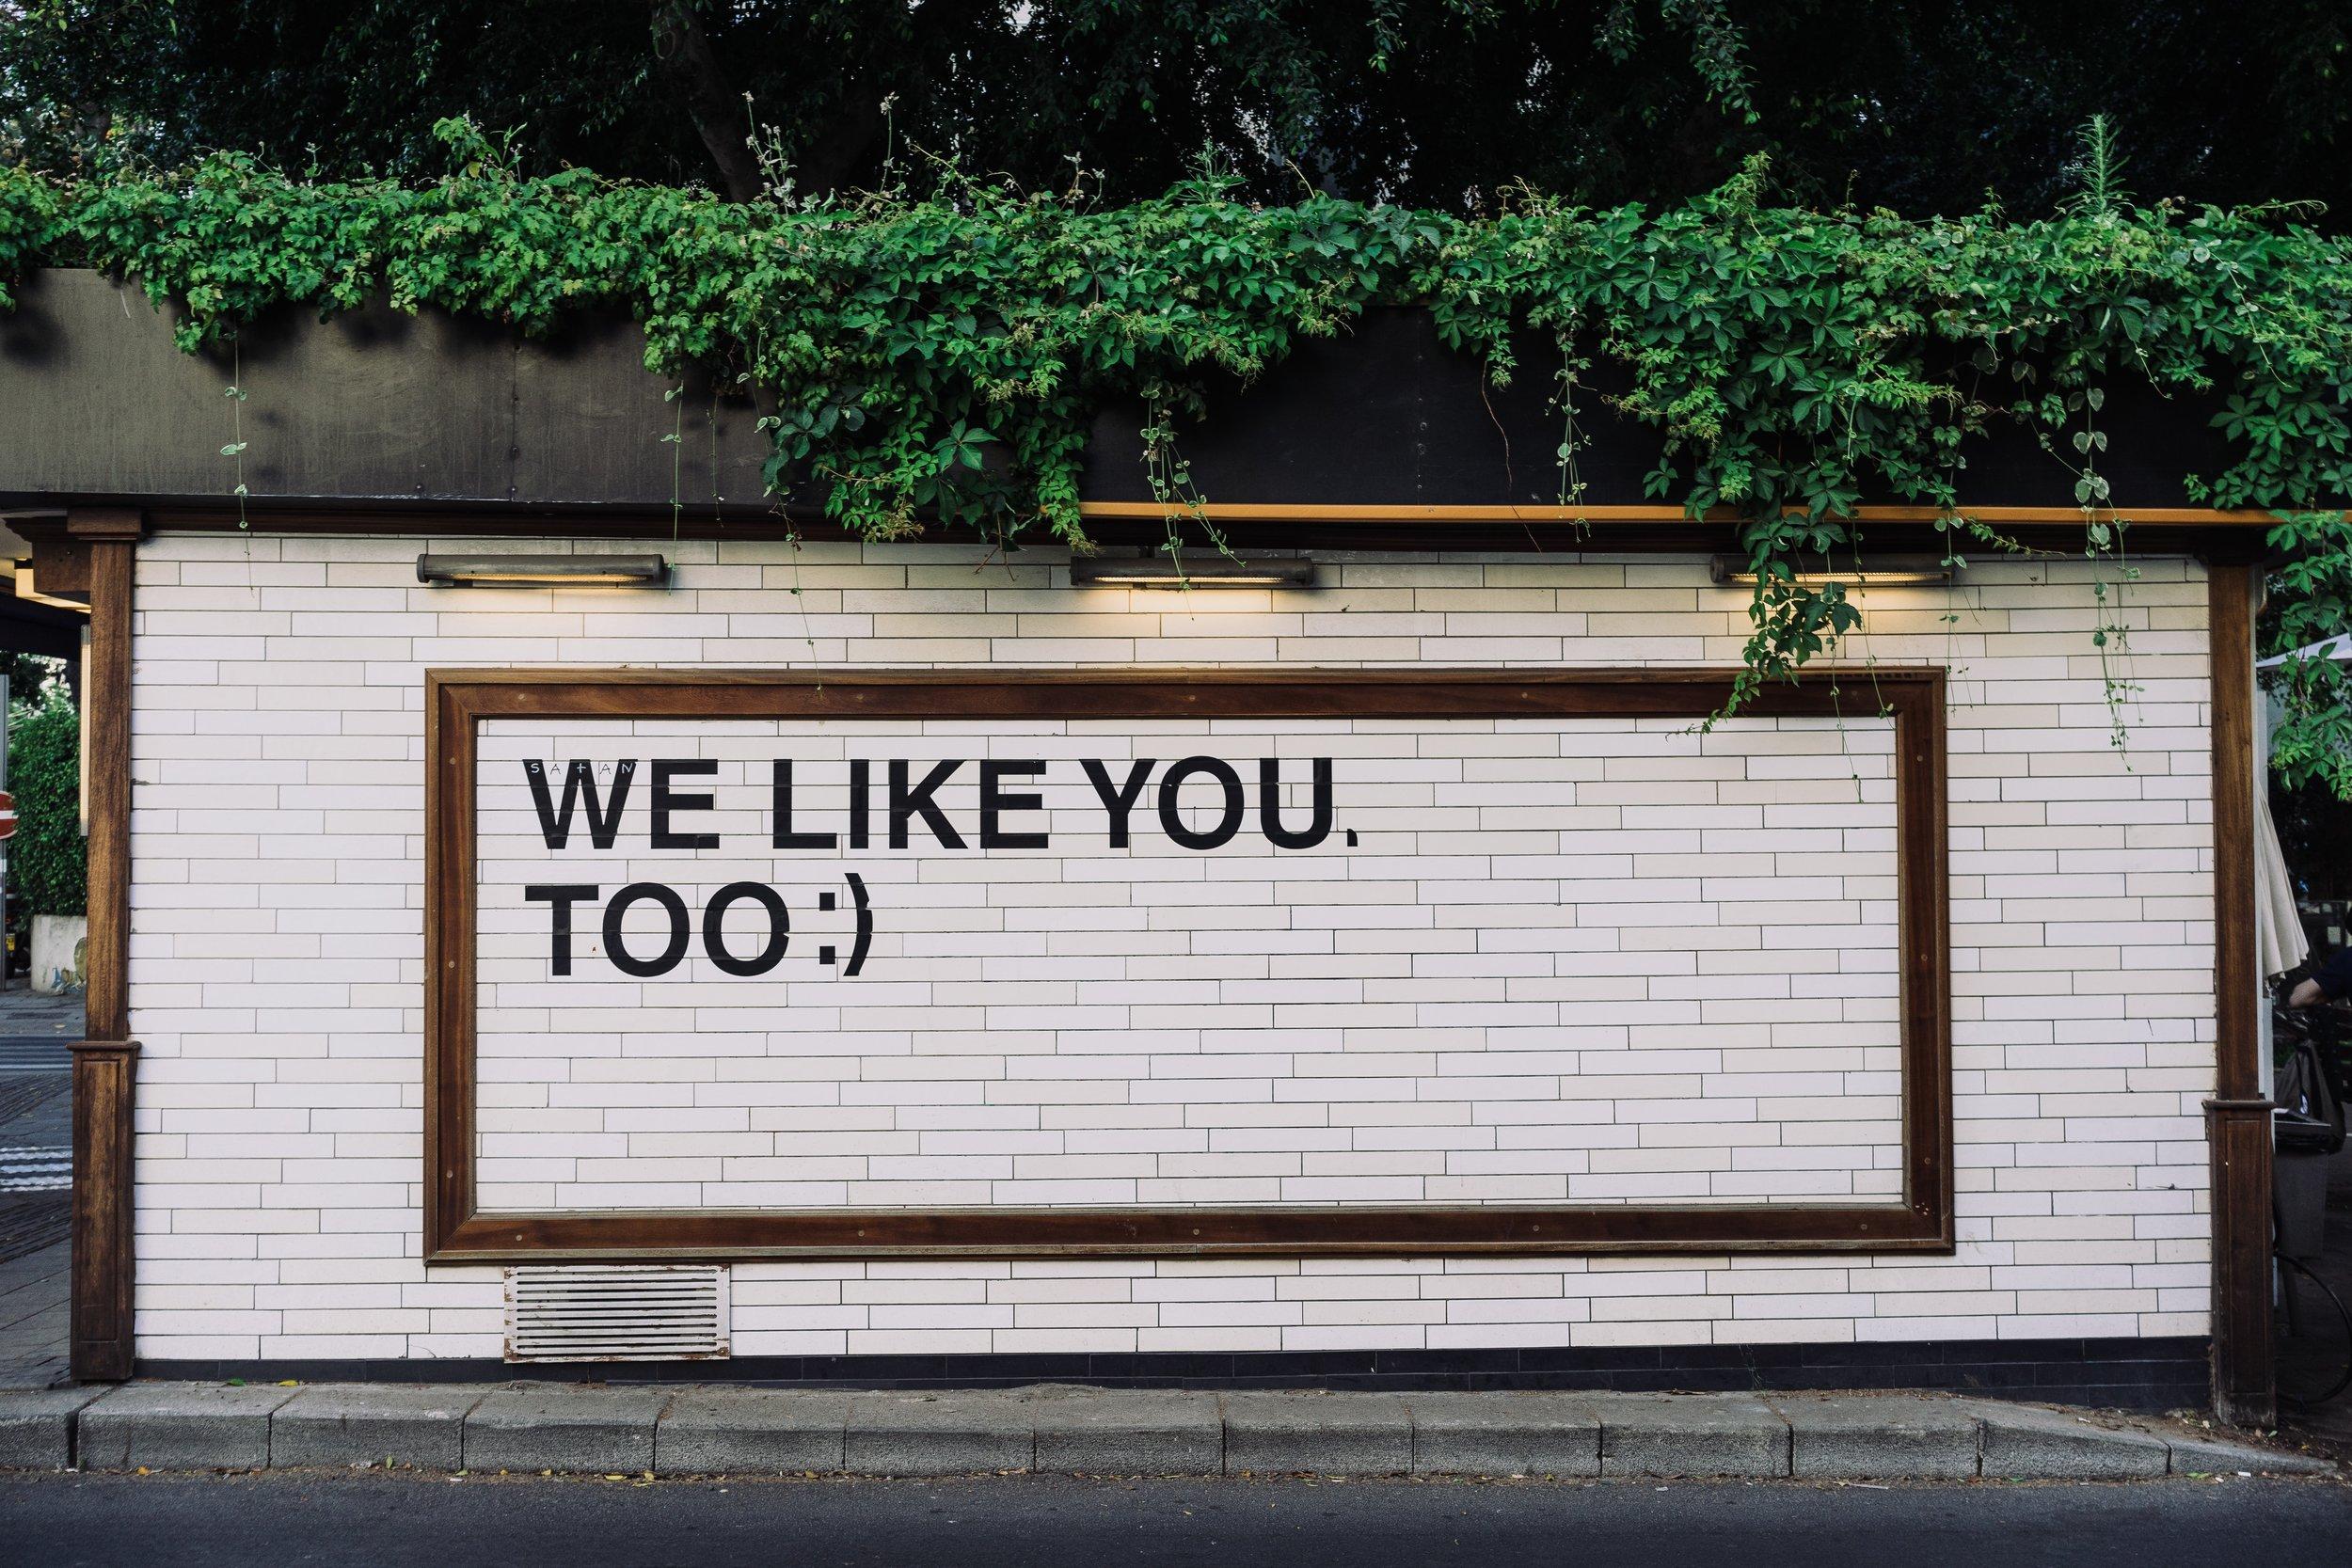 COANDCO - agence spécialisée dans les réseaux sociaux en Belgique